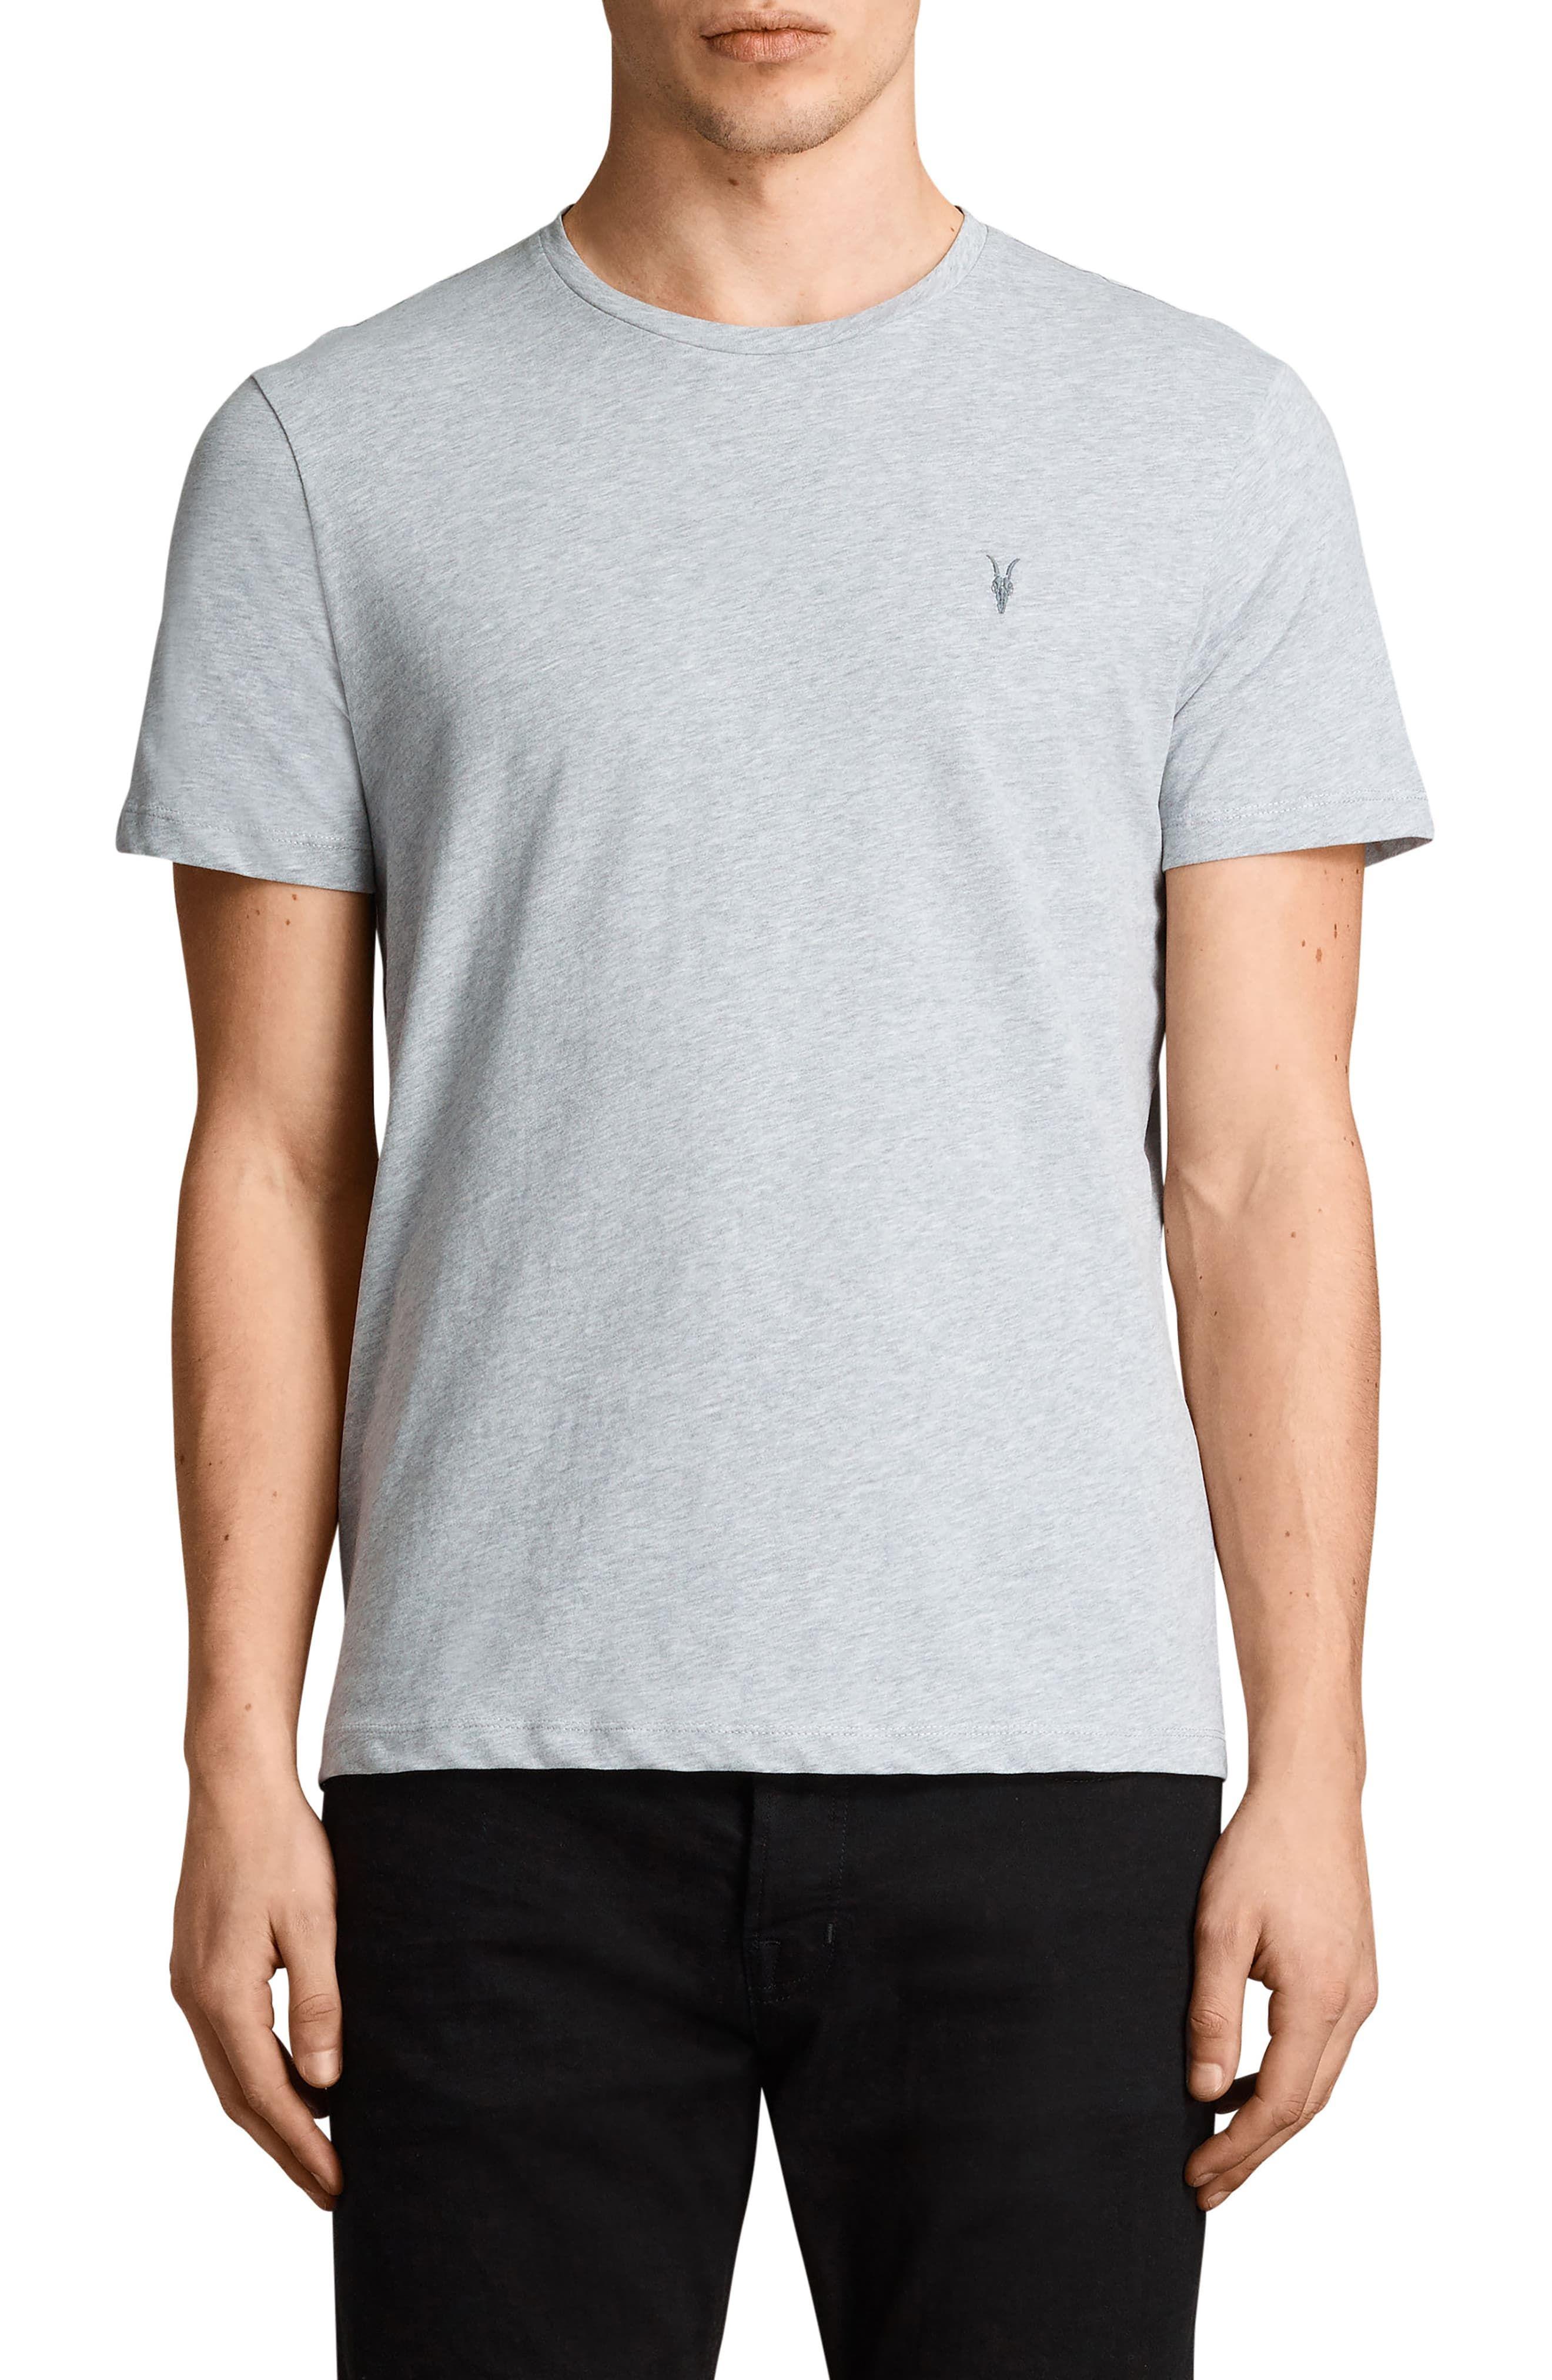 26b7417dec01fa Men's Allsaints Brace Tonic Slim Fit Crewneck T-Shirt, Size XX-Large -